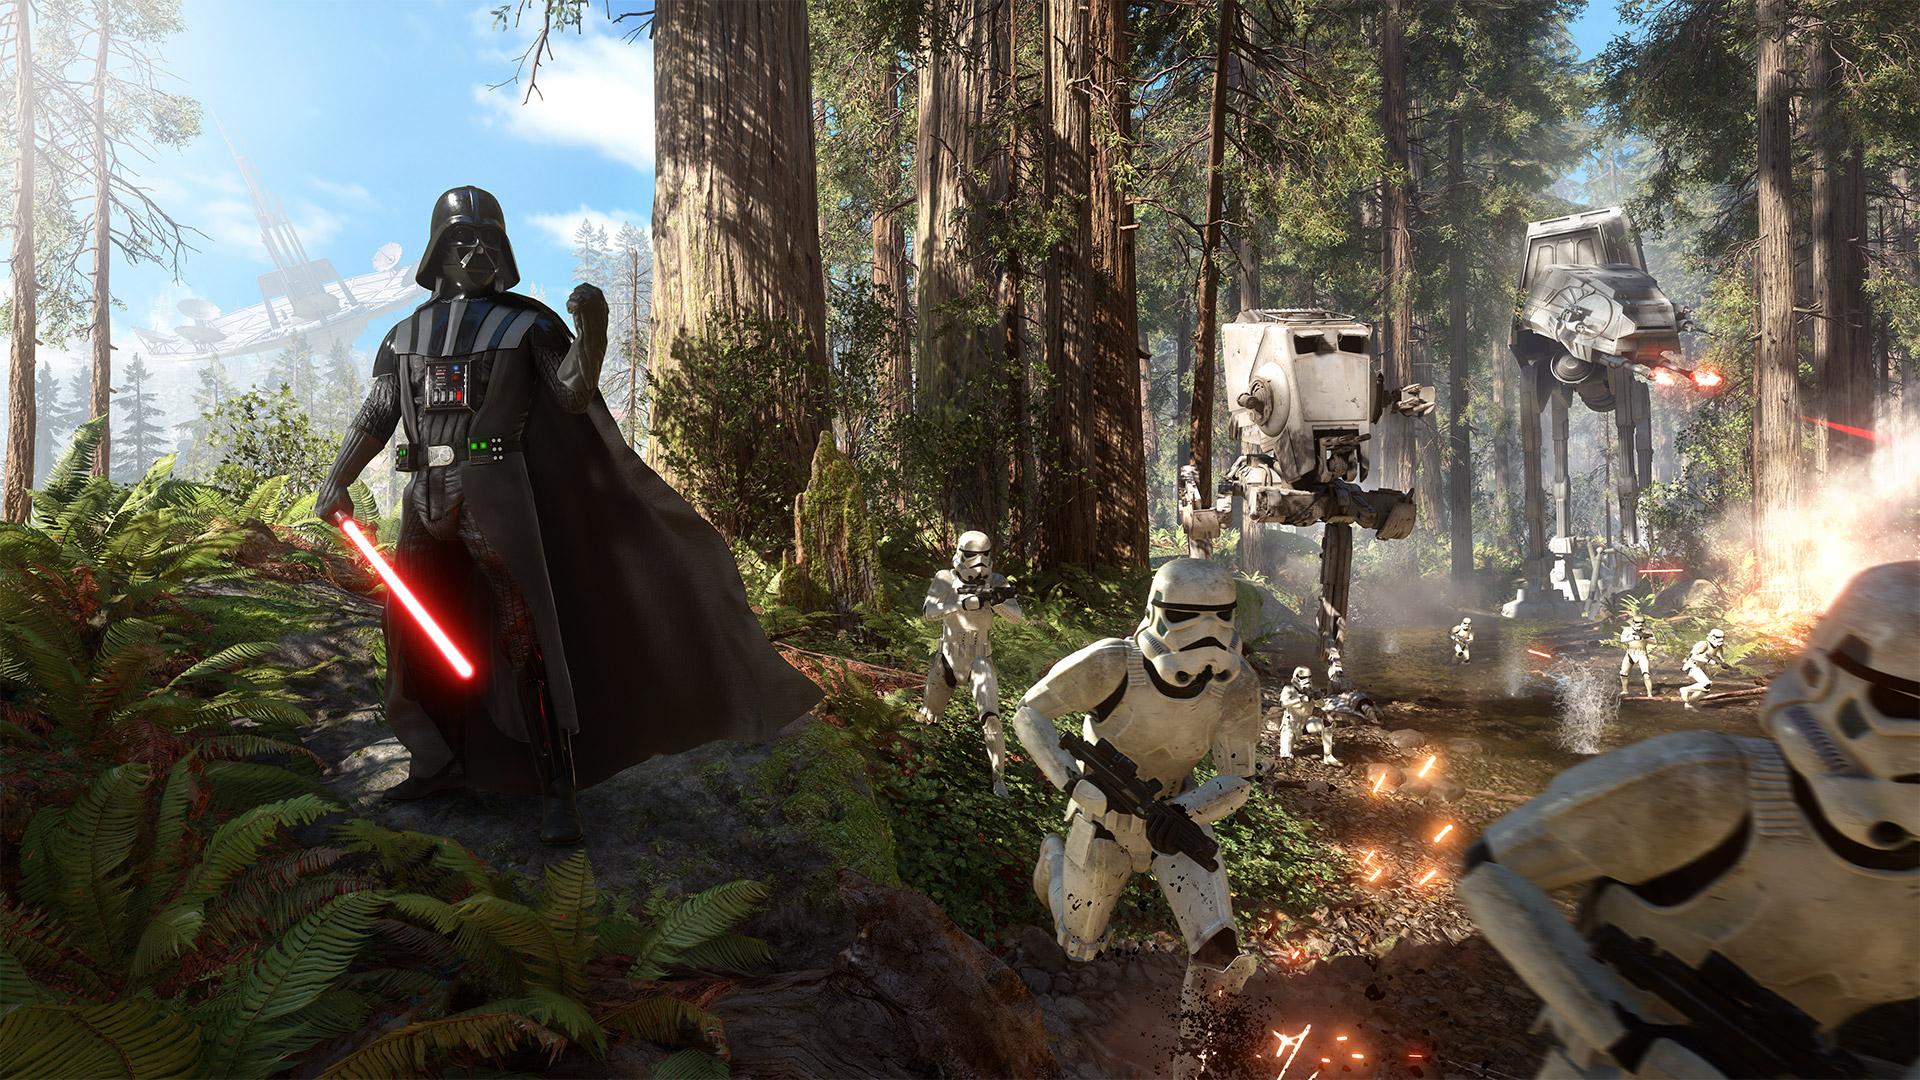 Star Wars Battlefront 2015 Hd Wallpaper Background Image